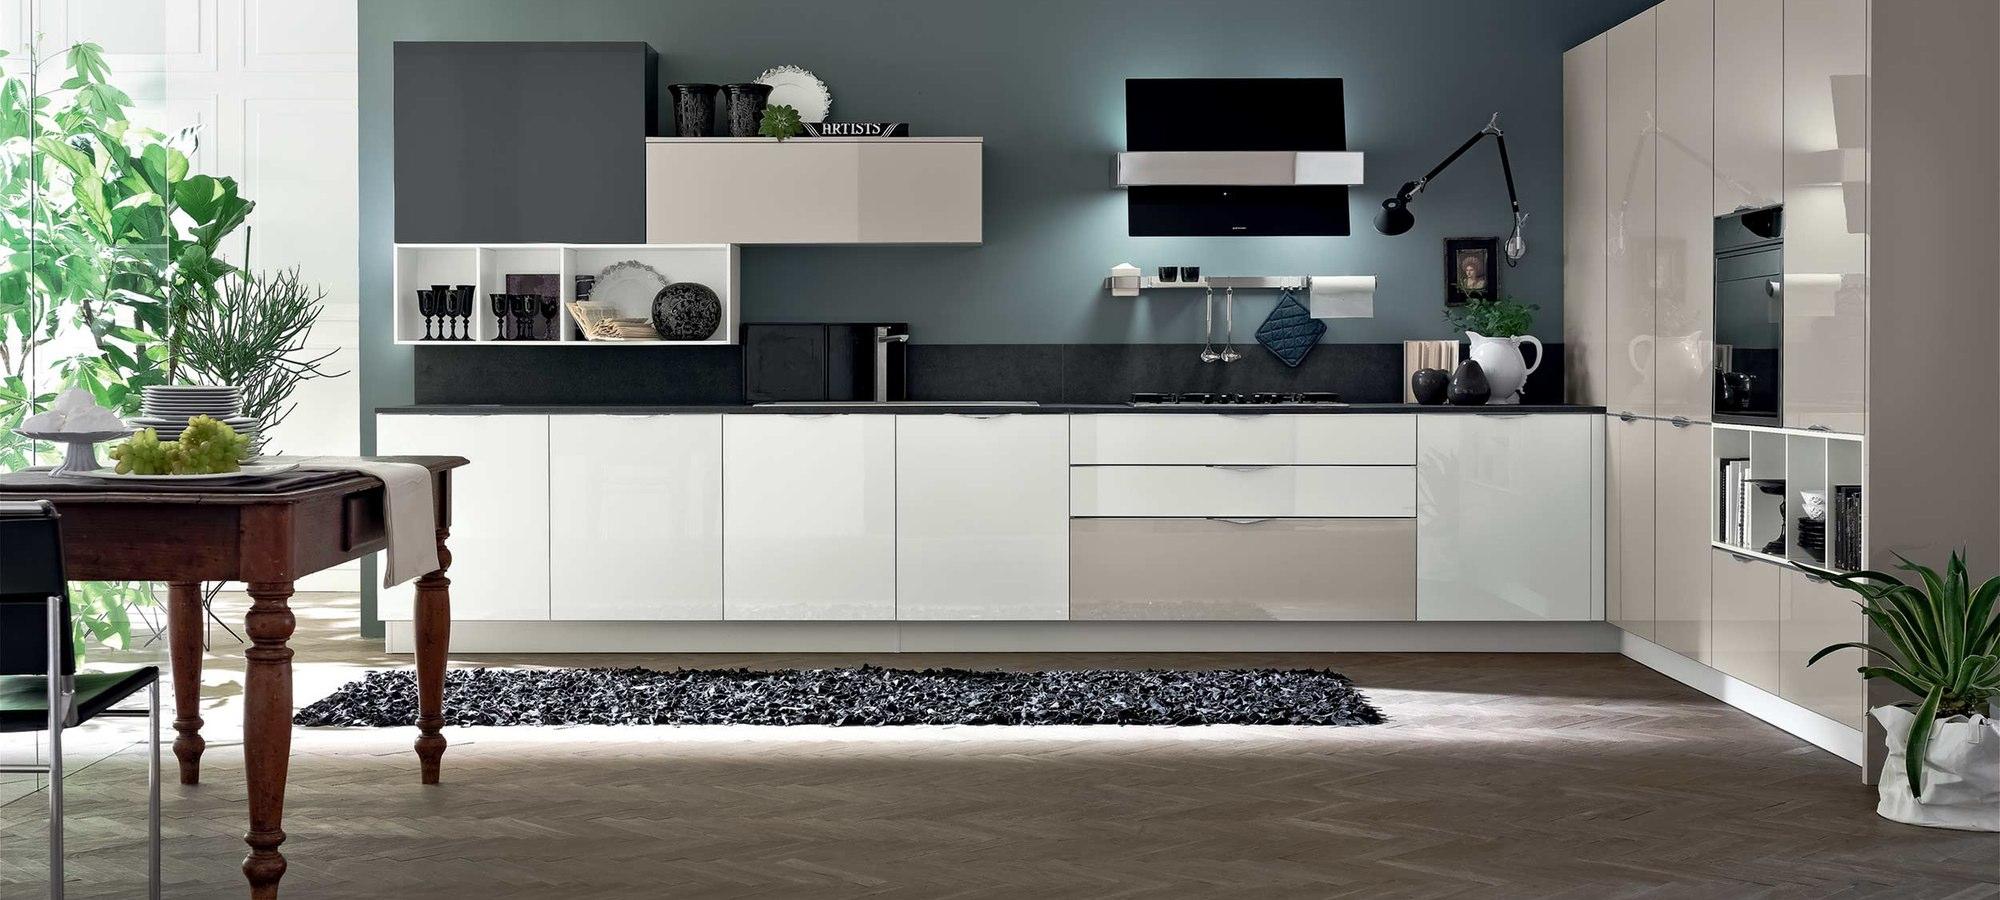 Stili Di Case Moderne.Cucine Moderne Pagina 6 Brennero Case Stili Di Maistri Arreda Srl